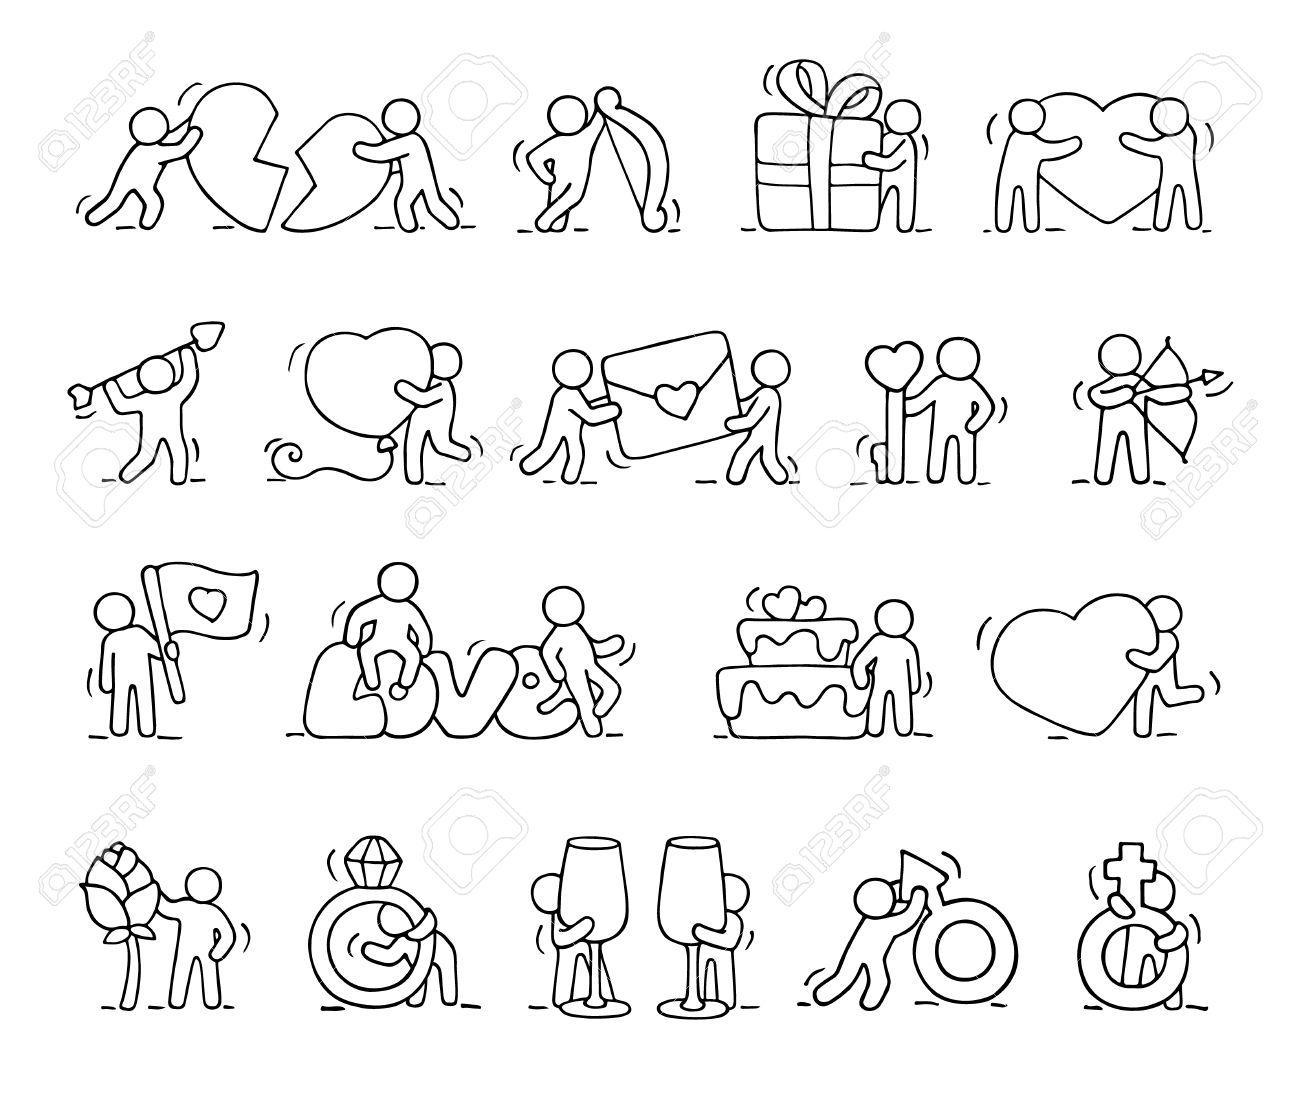 Iconos Románticos De Dibujos Animados Conjunto De Personas Que